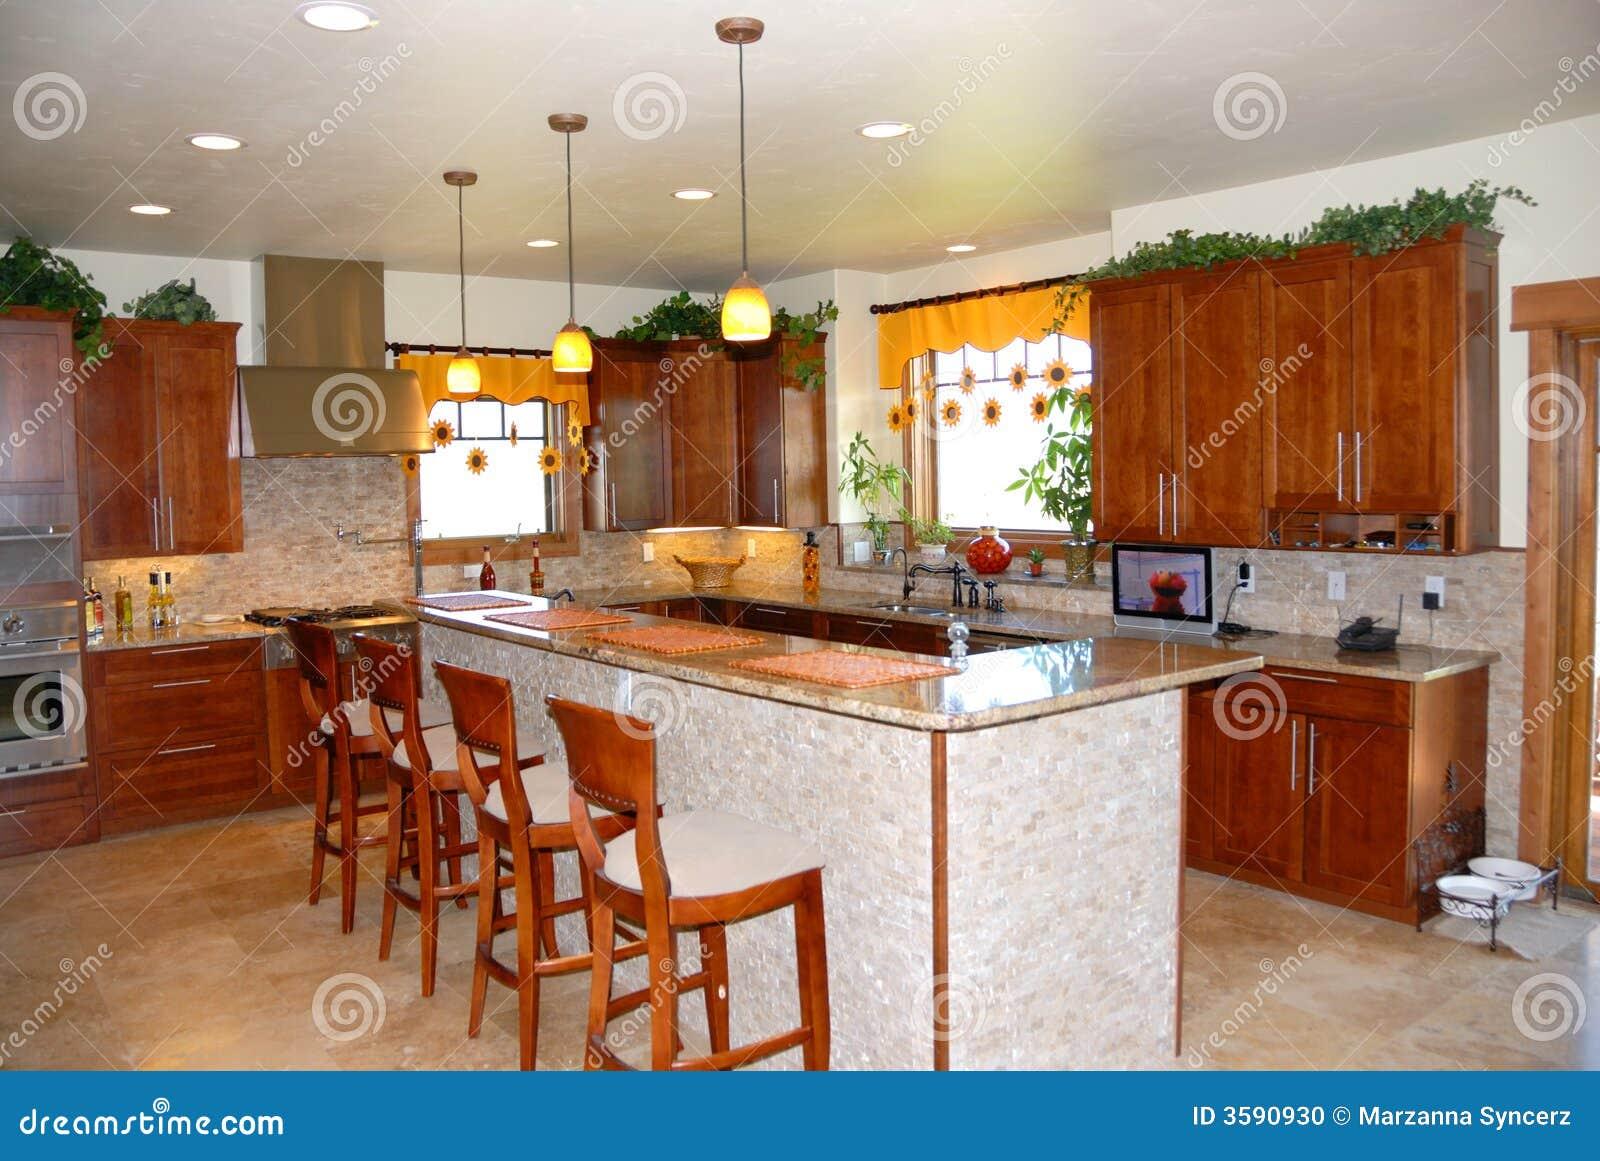 Cocina moderna con la barra del almuerzo foto de archivo for Barras de cocina modernas